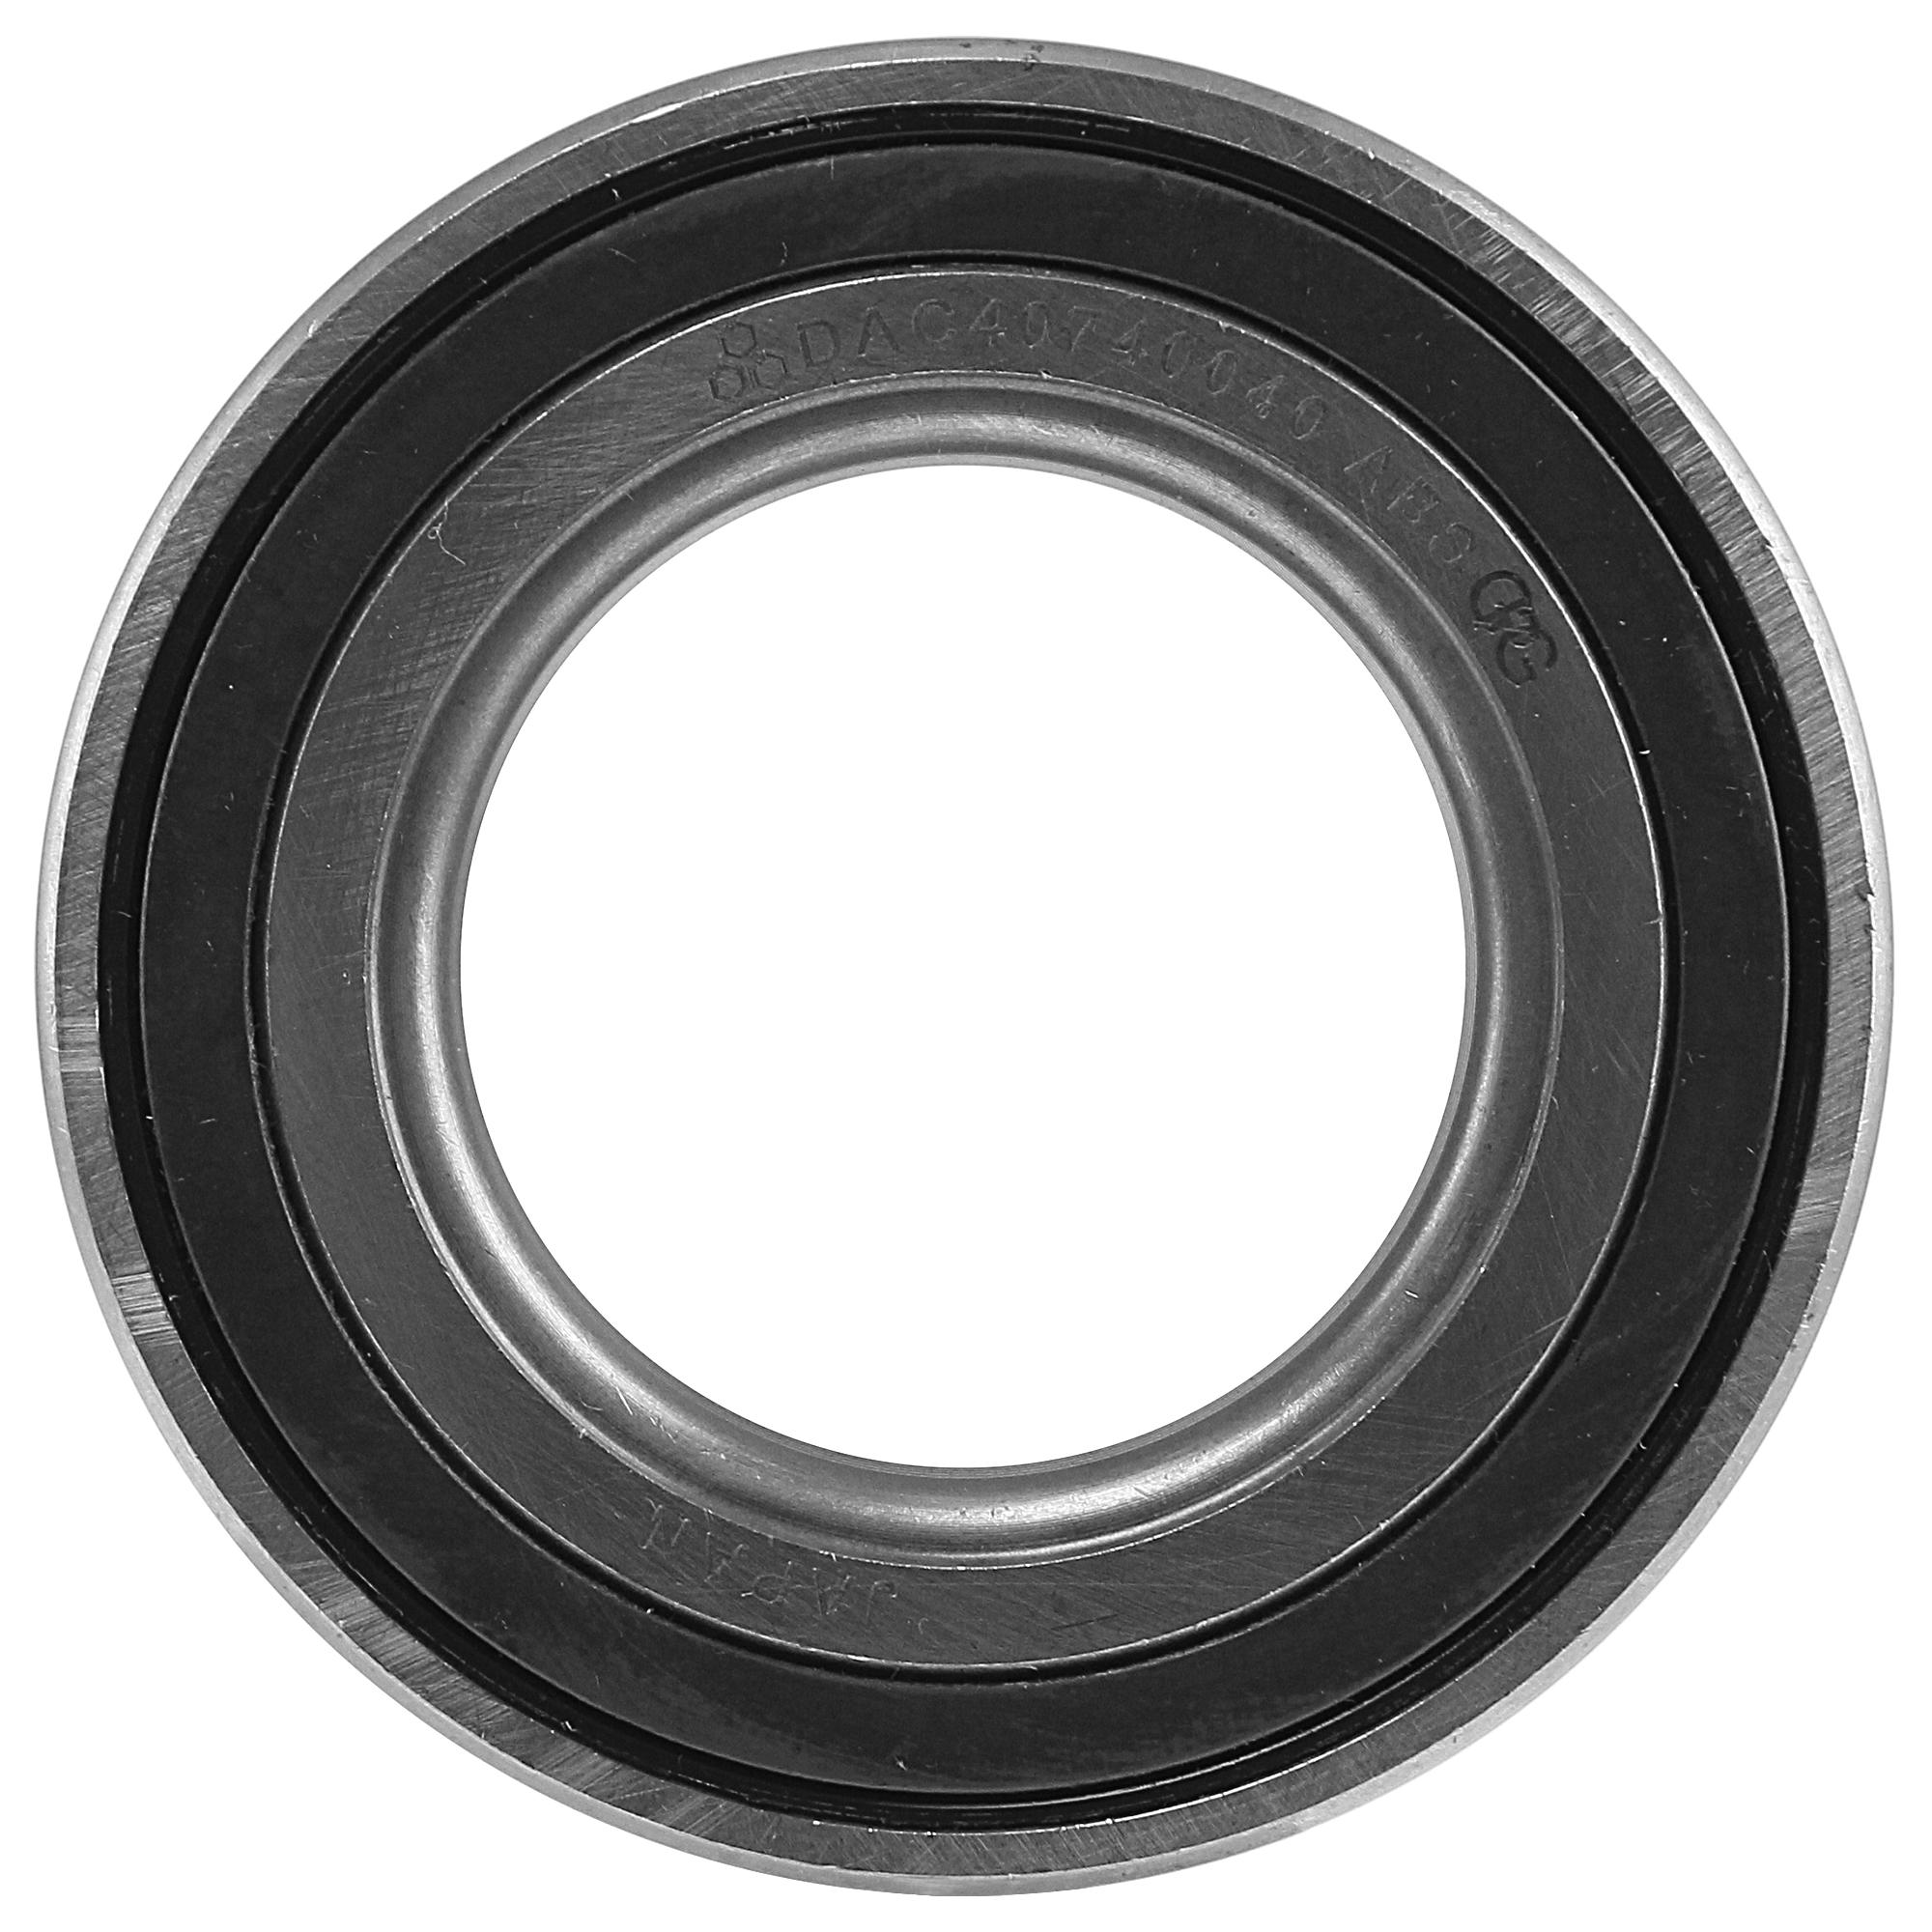 بلبرينگ چرخ جلو جي پي جي مدل 4075 Abs مناسب براي ليفان X50